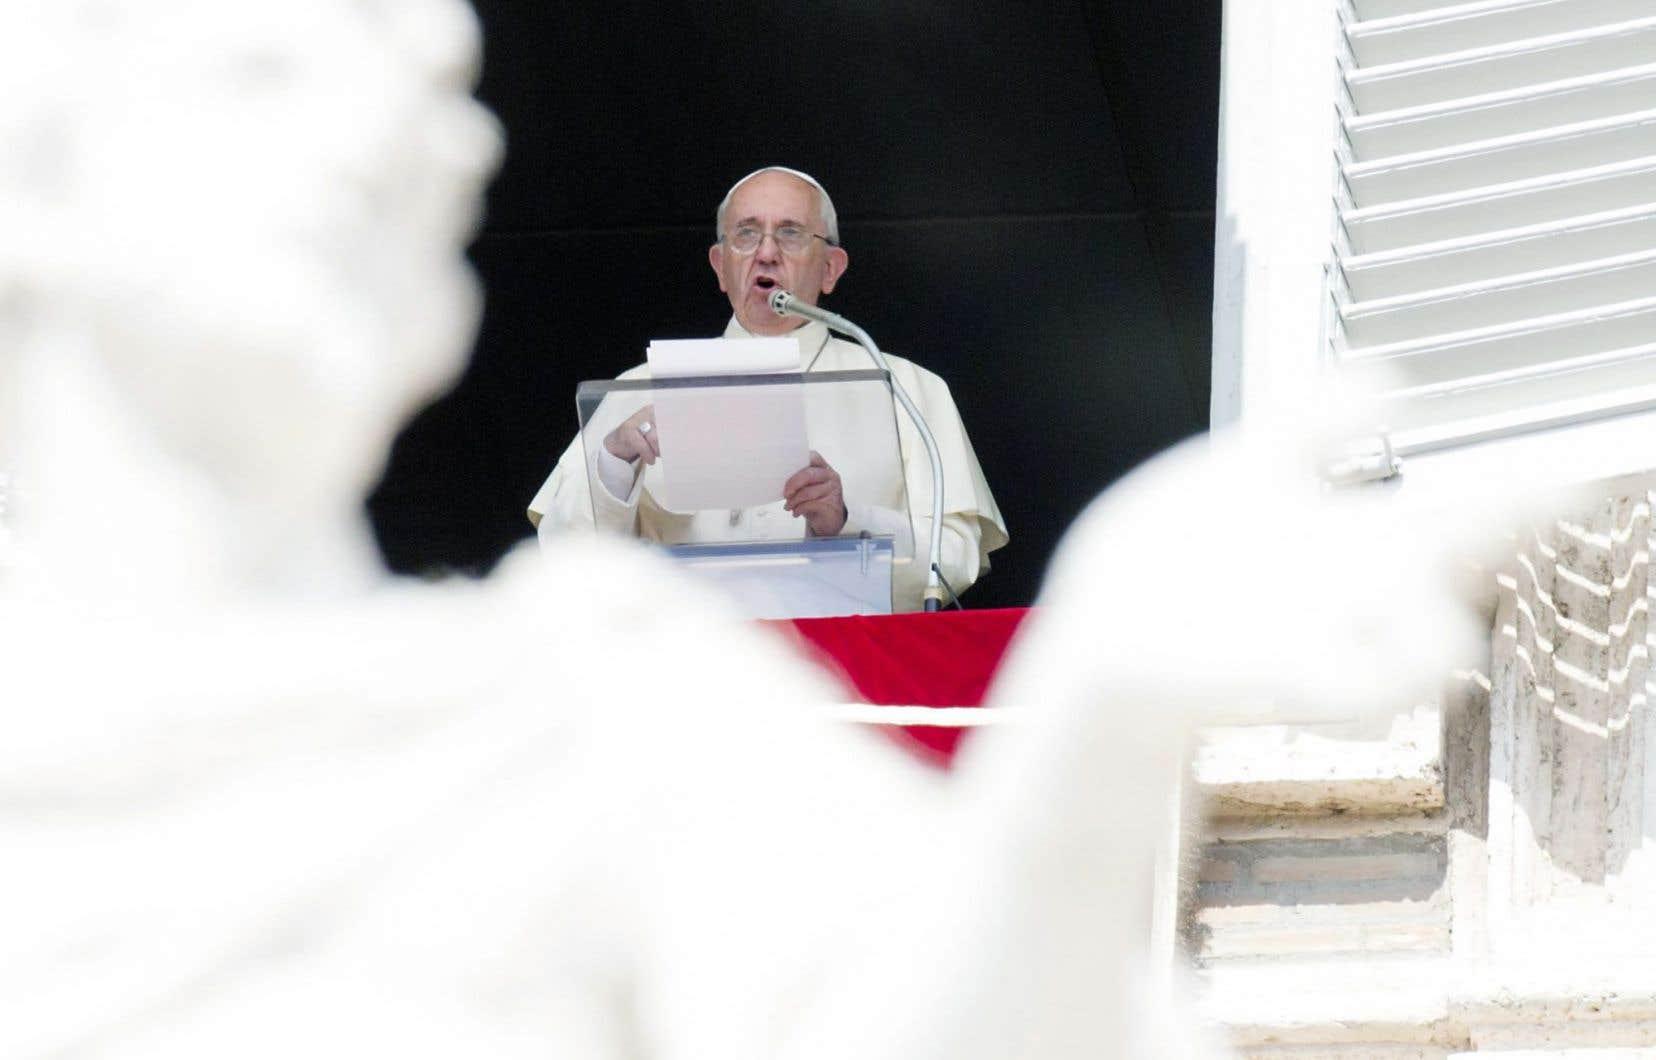 Dimanche, lors de l'angélus, le pape François a invité les paroisses, les couvents et les monastères catholiques d'Europe à accueillir des familles de réfugiés.